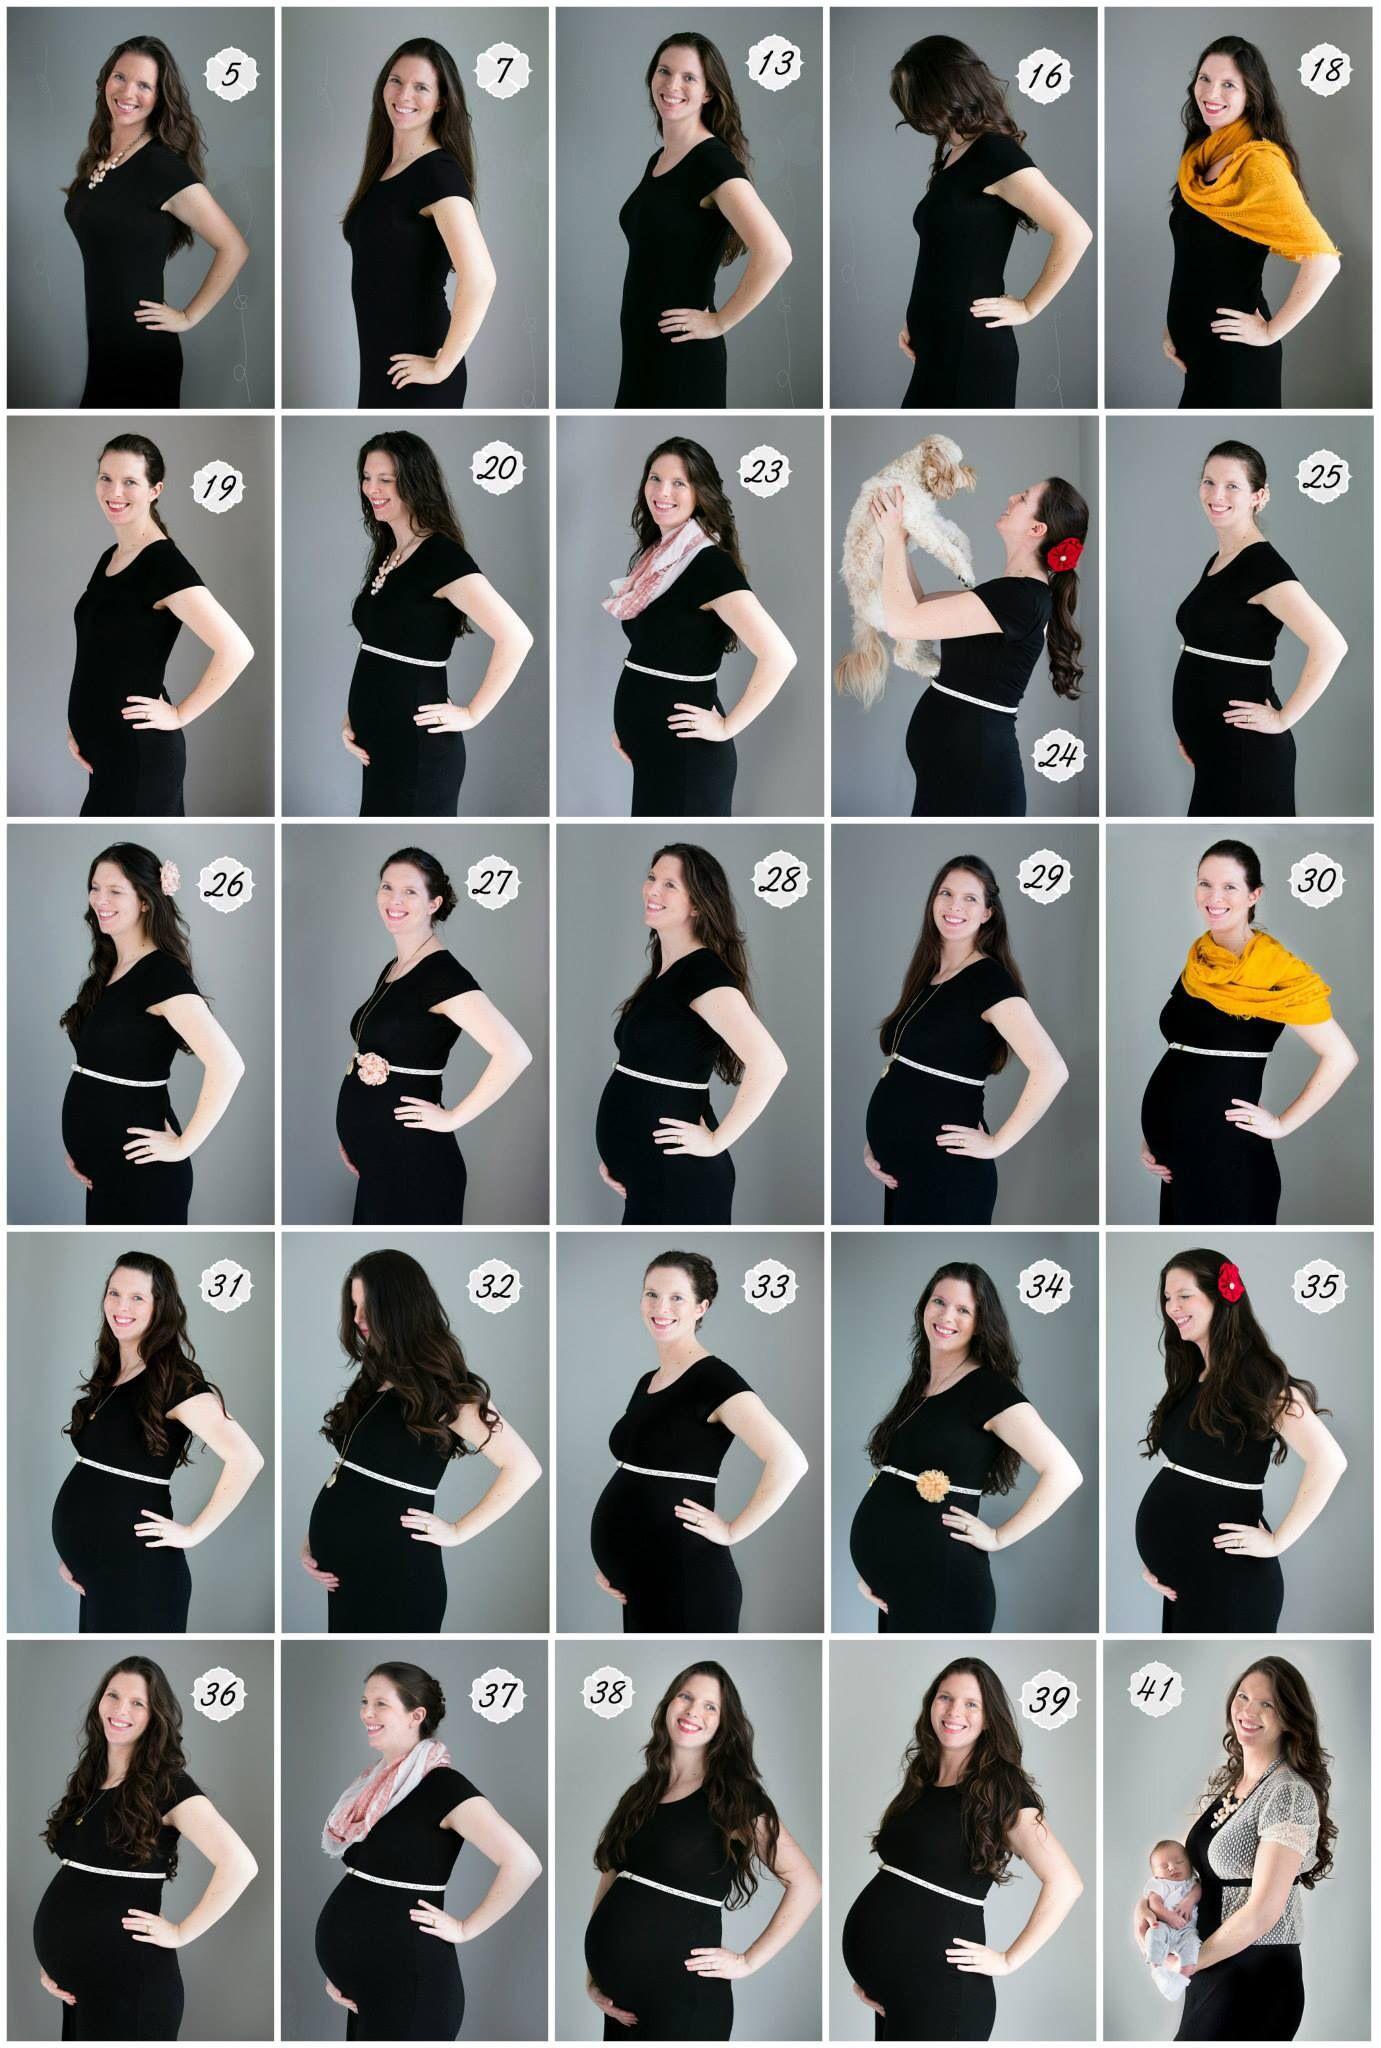 Картинки с неделями беременности для фото